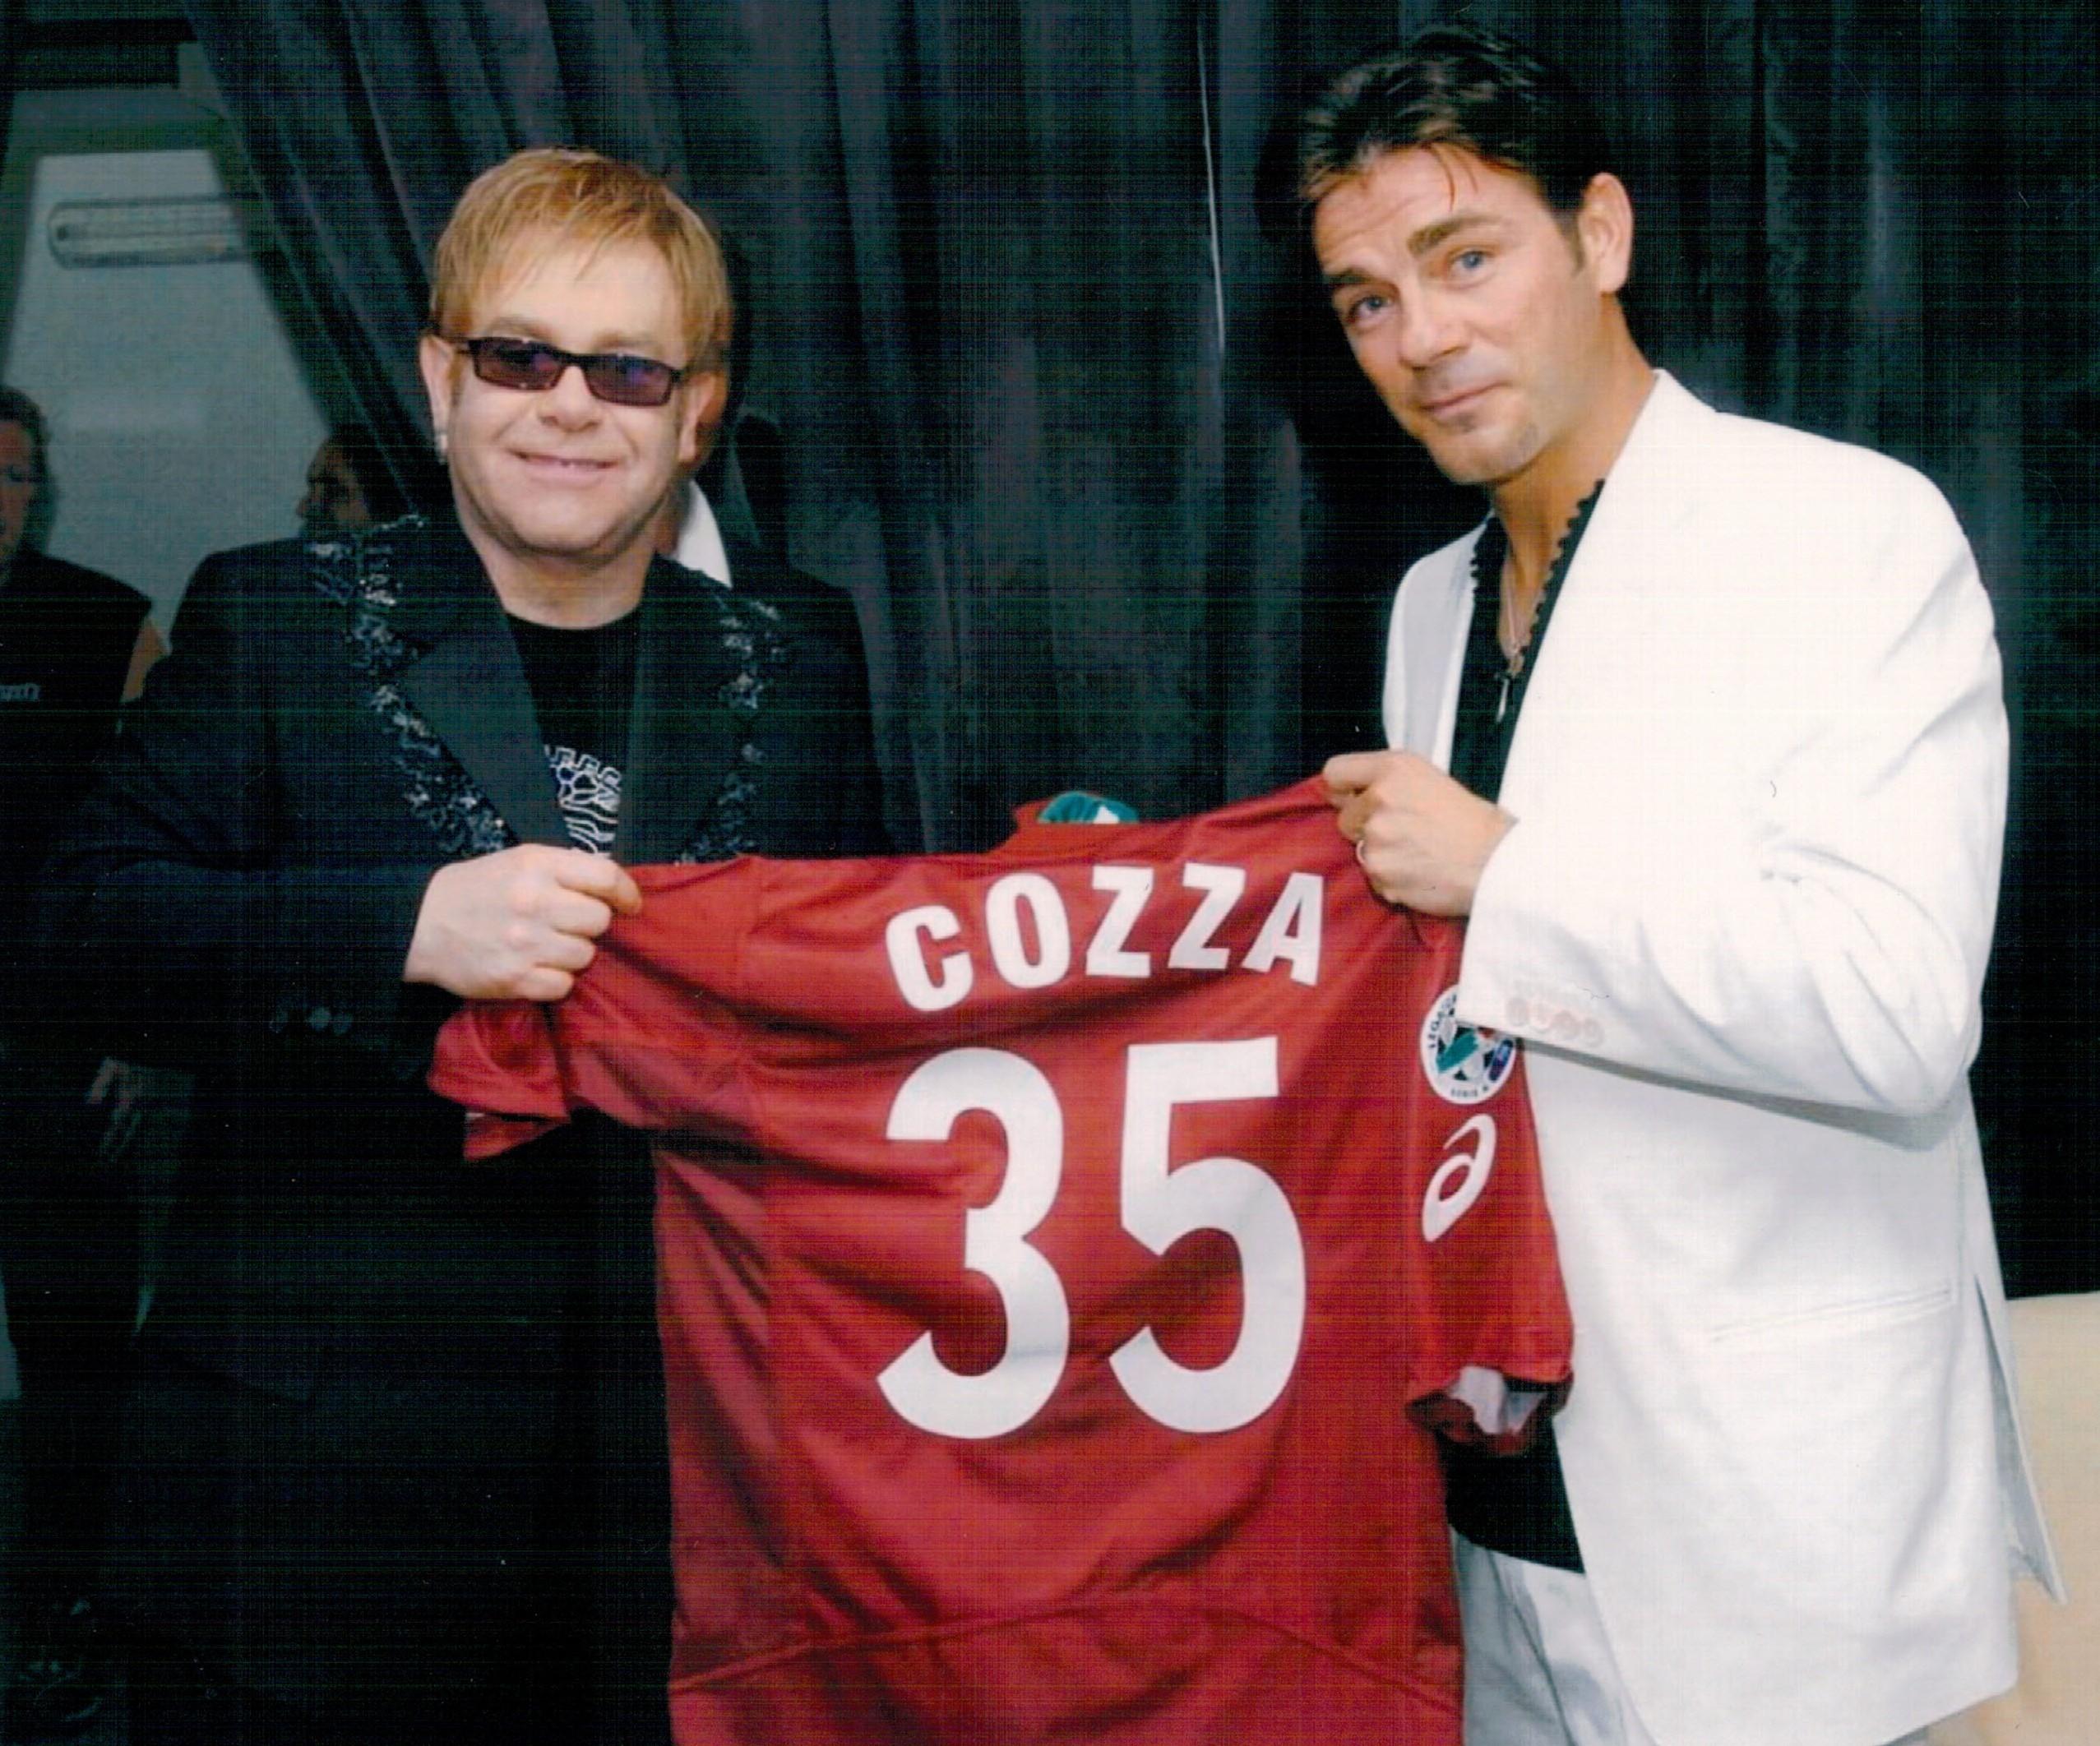 Elton John – Cozza